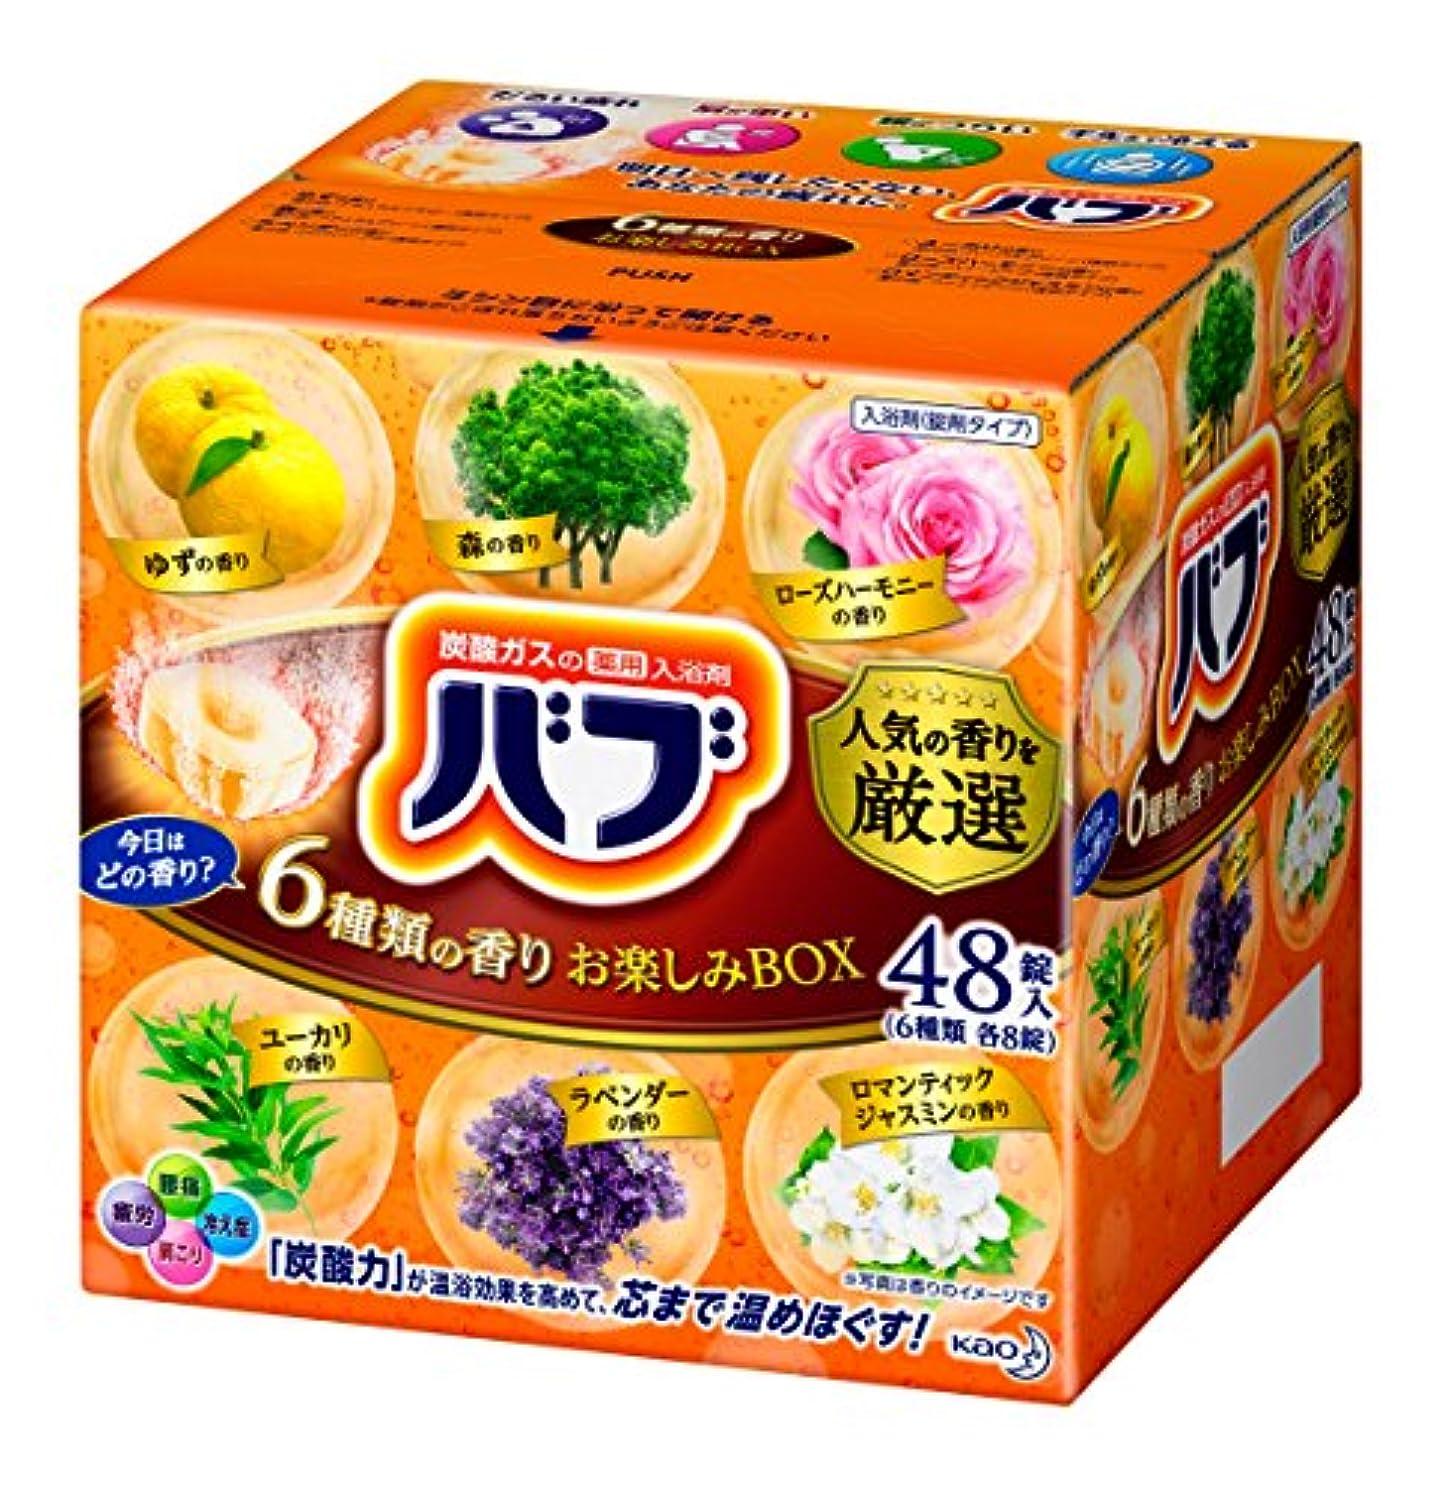 存在する手配する差別化する【大容量】バブ 6つの香りお楽しみBOX 48錠